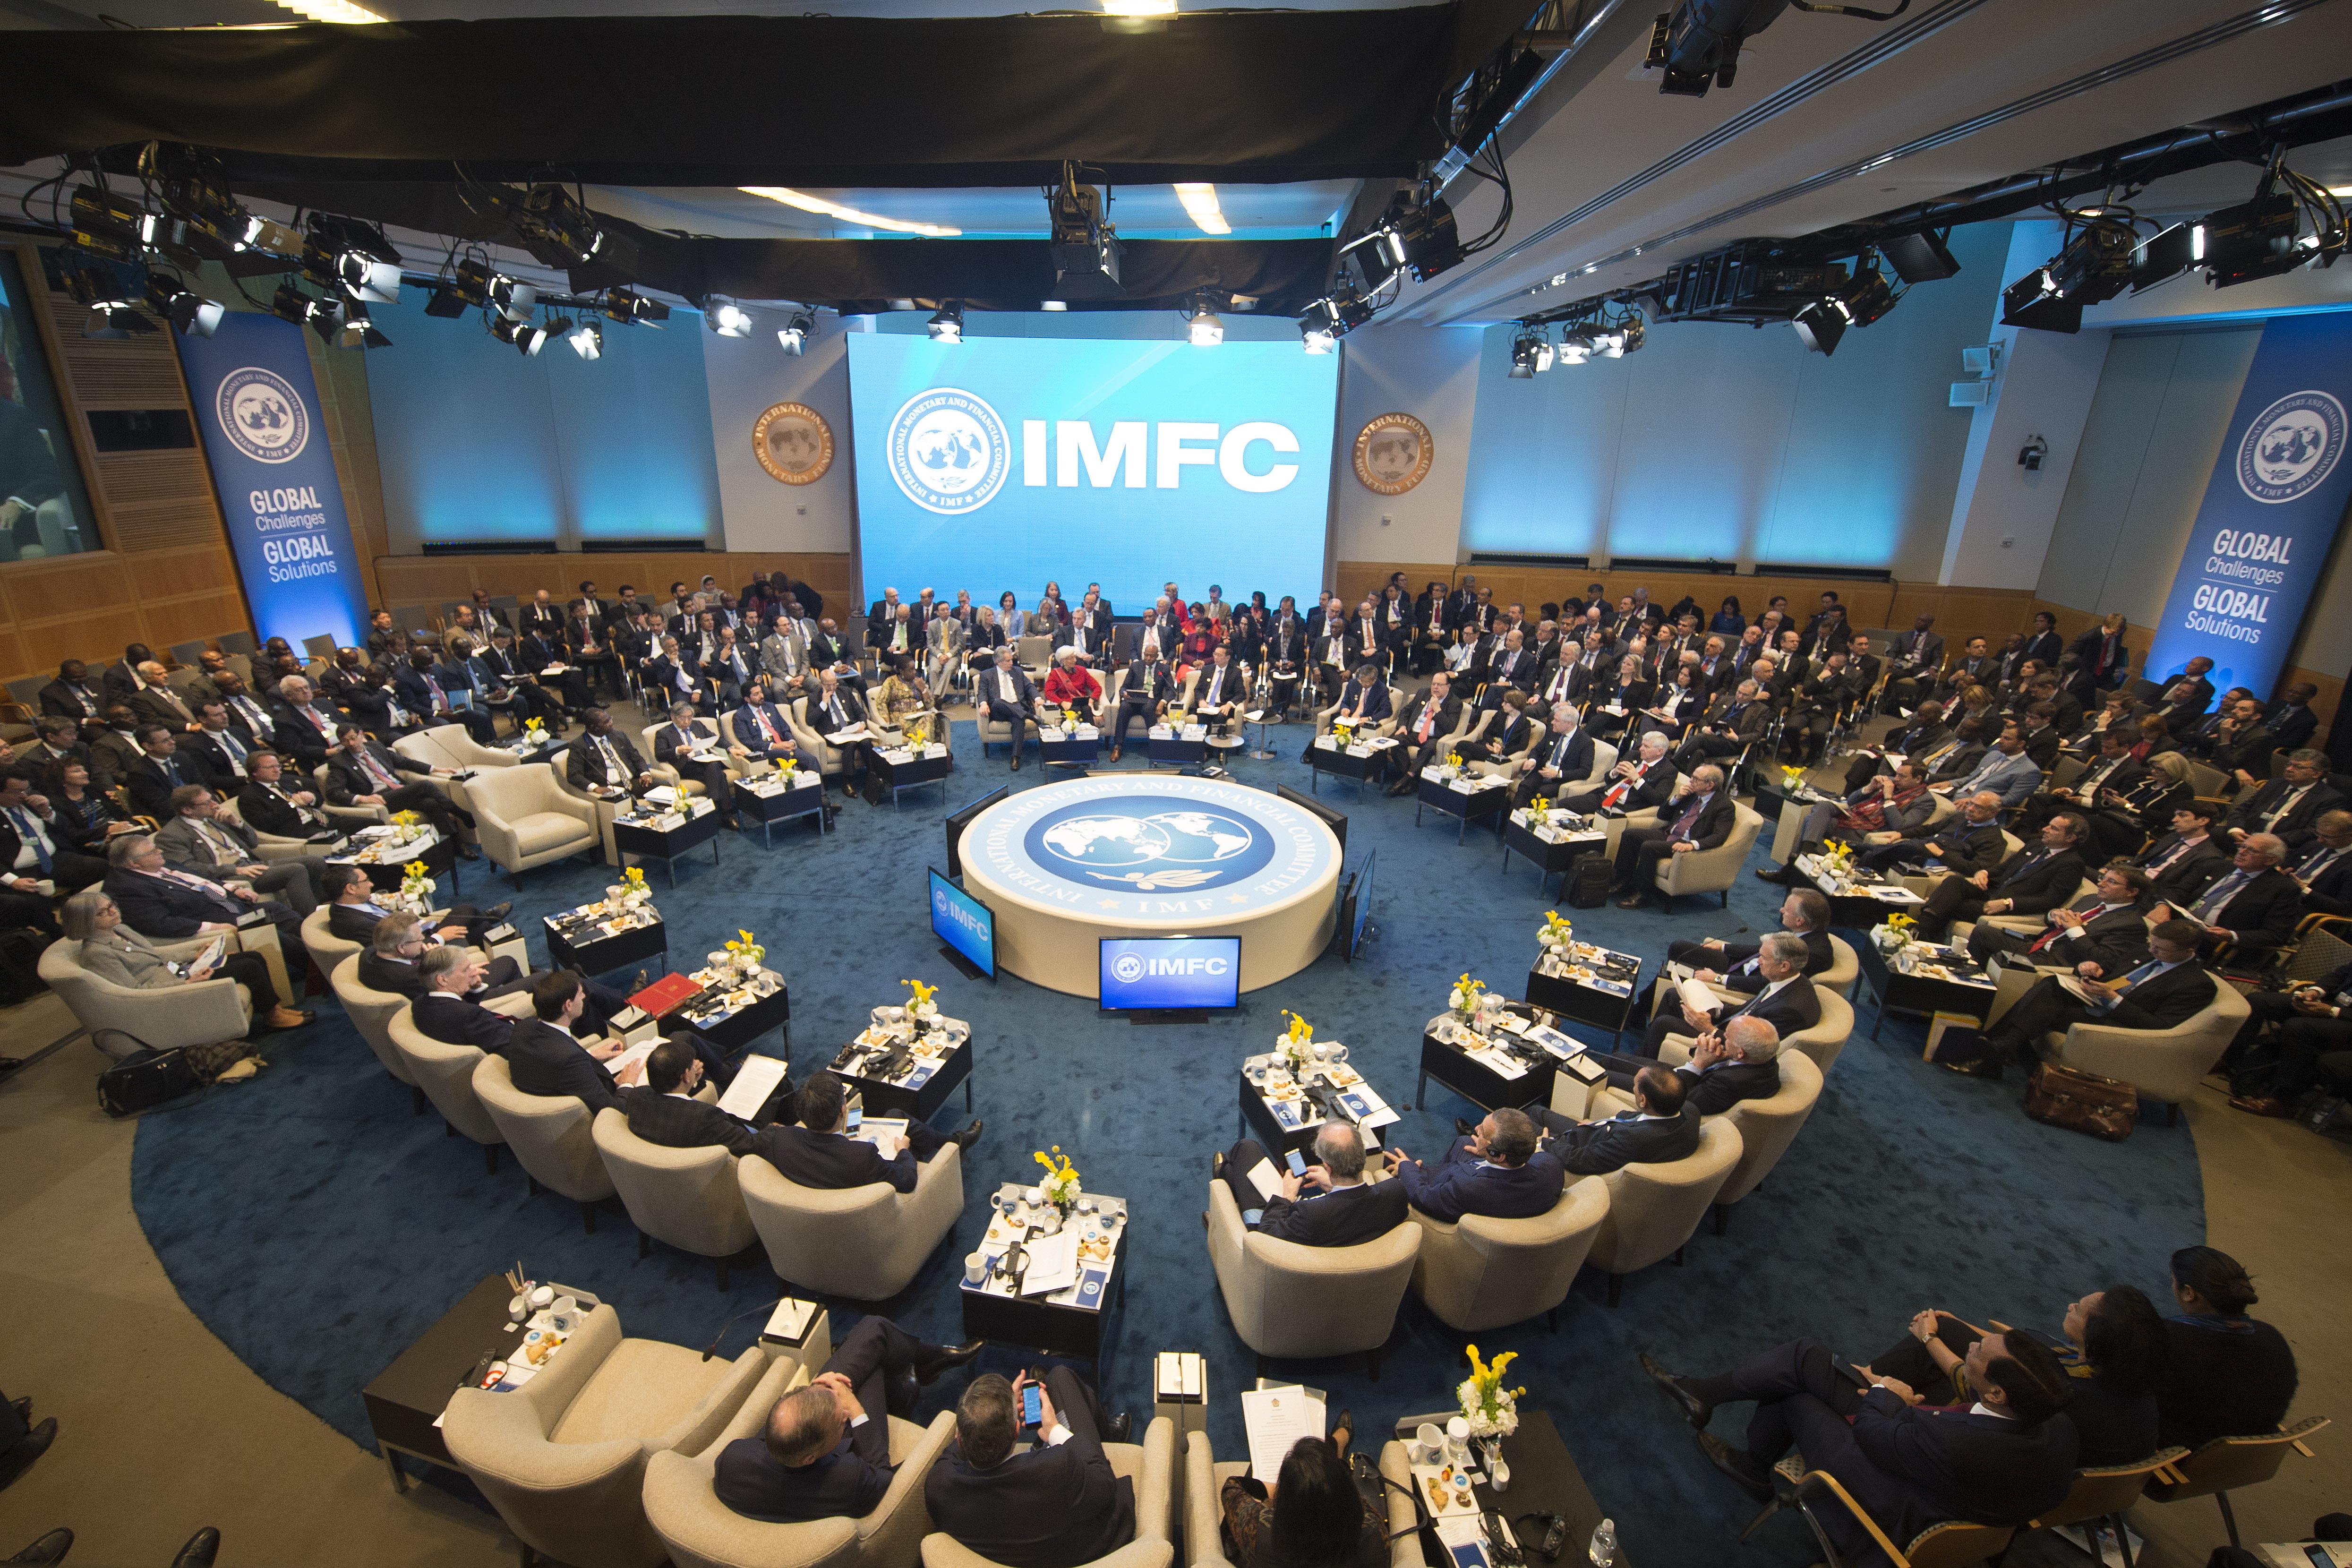 Az IMF új szabálykeretet fogadott el, hogy módszeresebben tudja felmérni a korrupció mértékét és jellegét az országokban